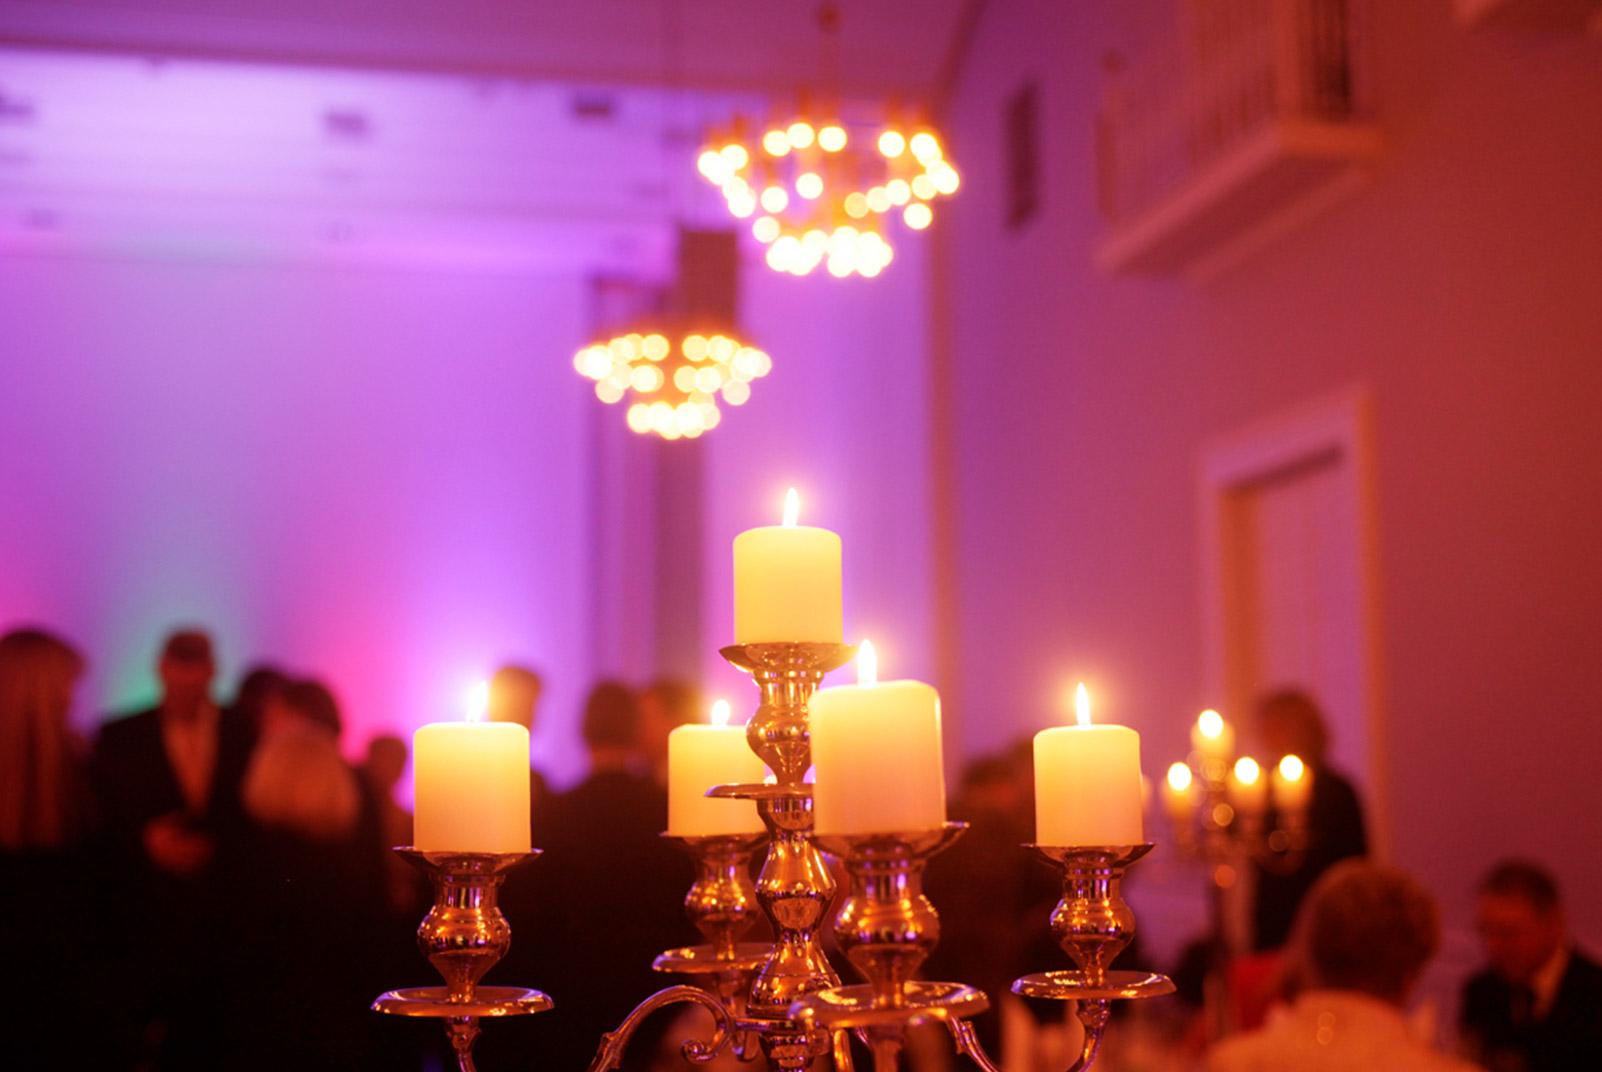 Kerzenständer in einem Festsaal